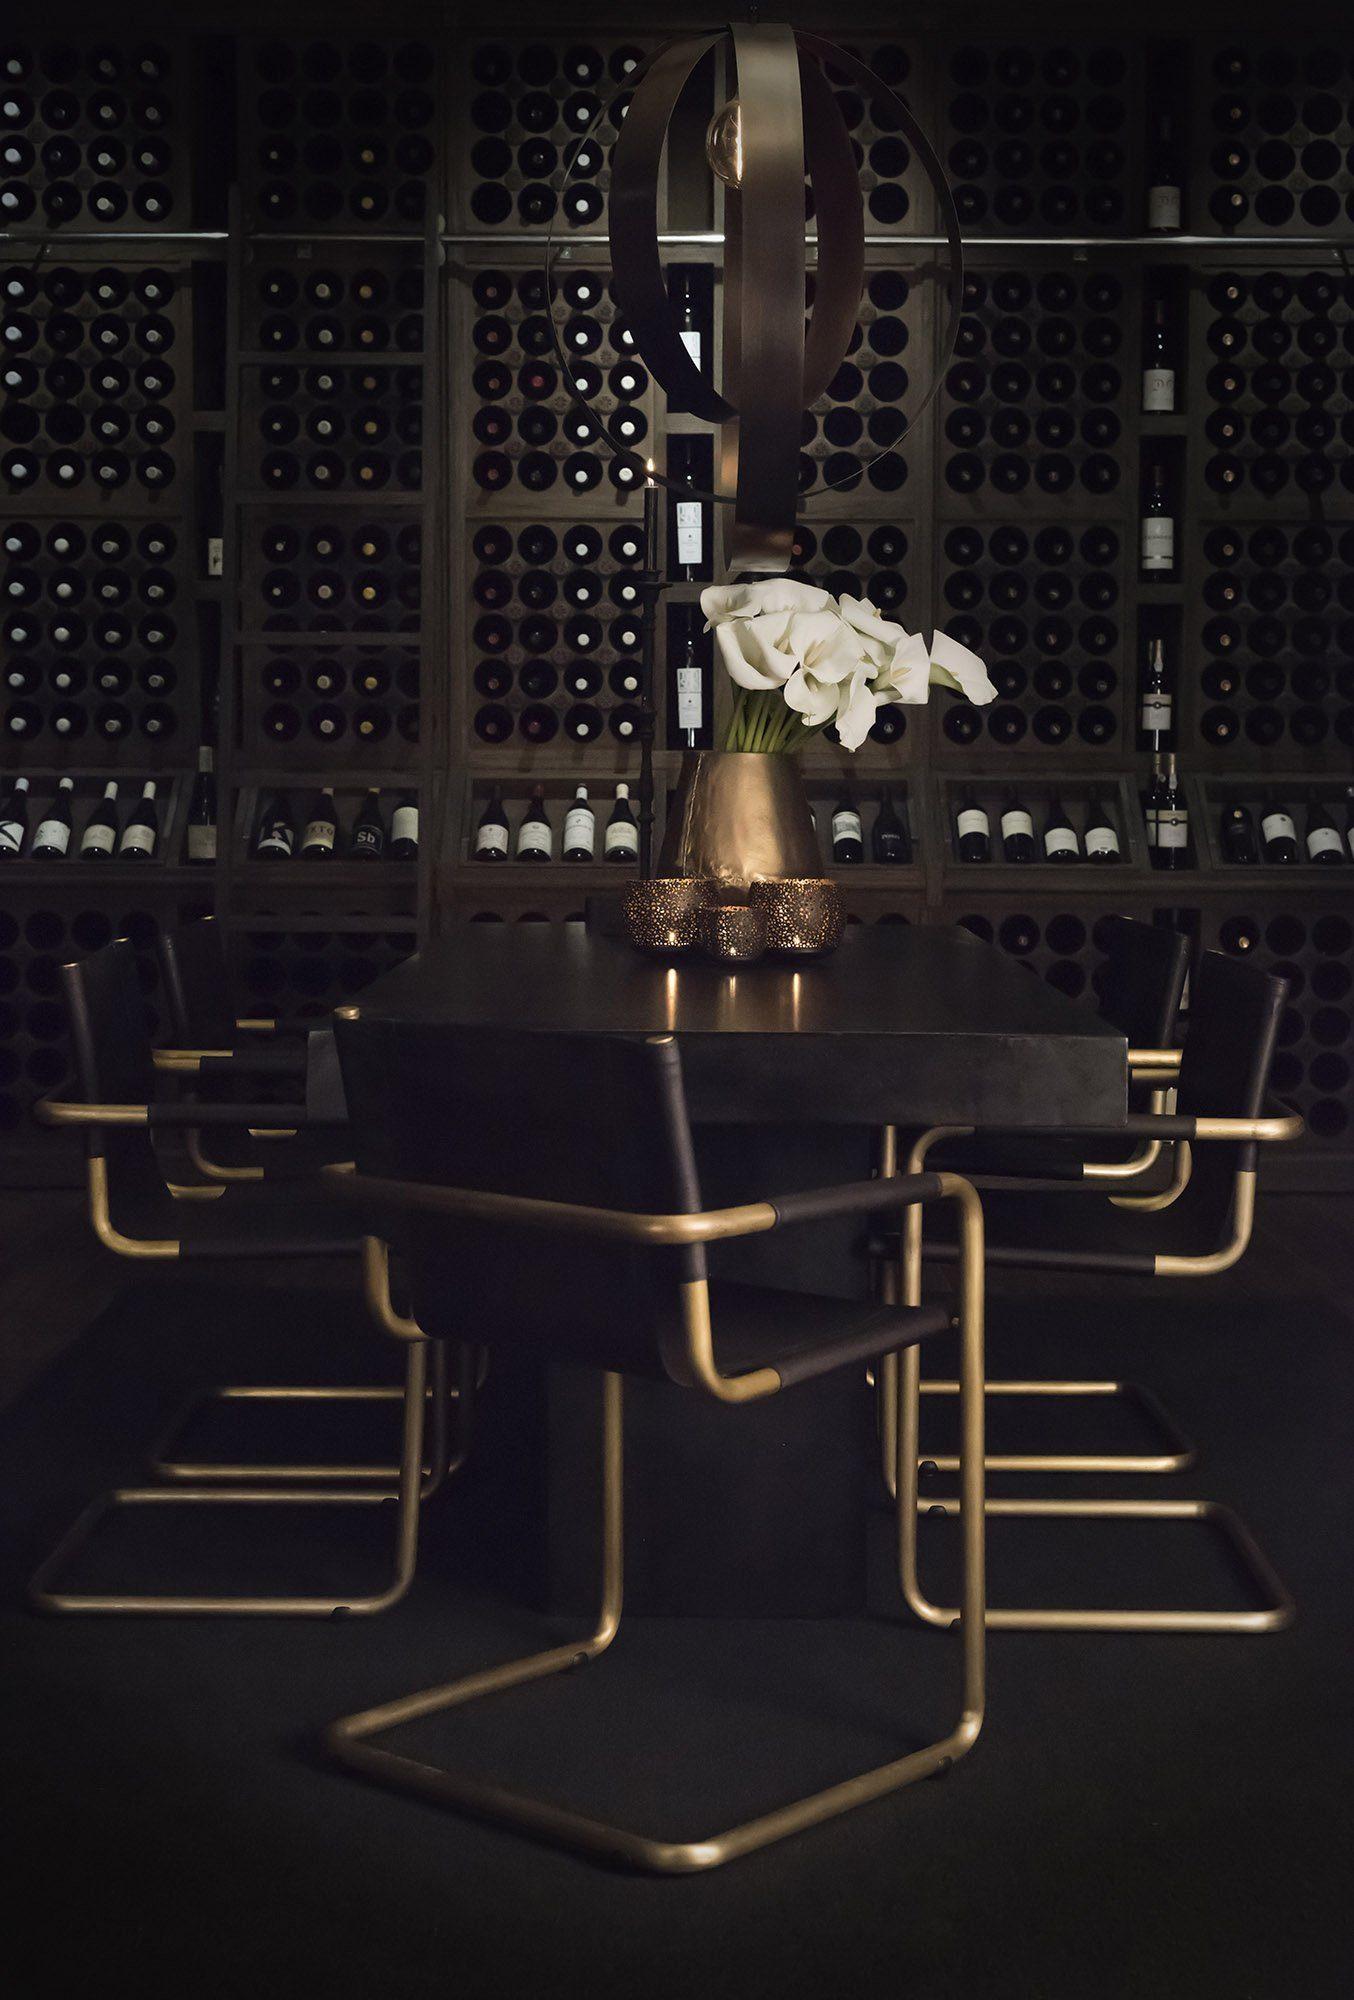 Matgrupp med Gianni stolar, Campos betongbord i svart och taklampan Circulo.